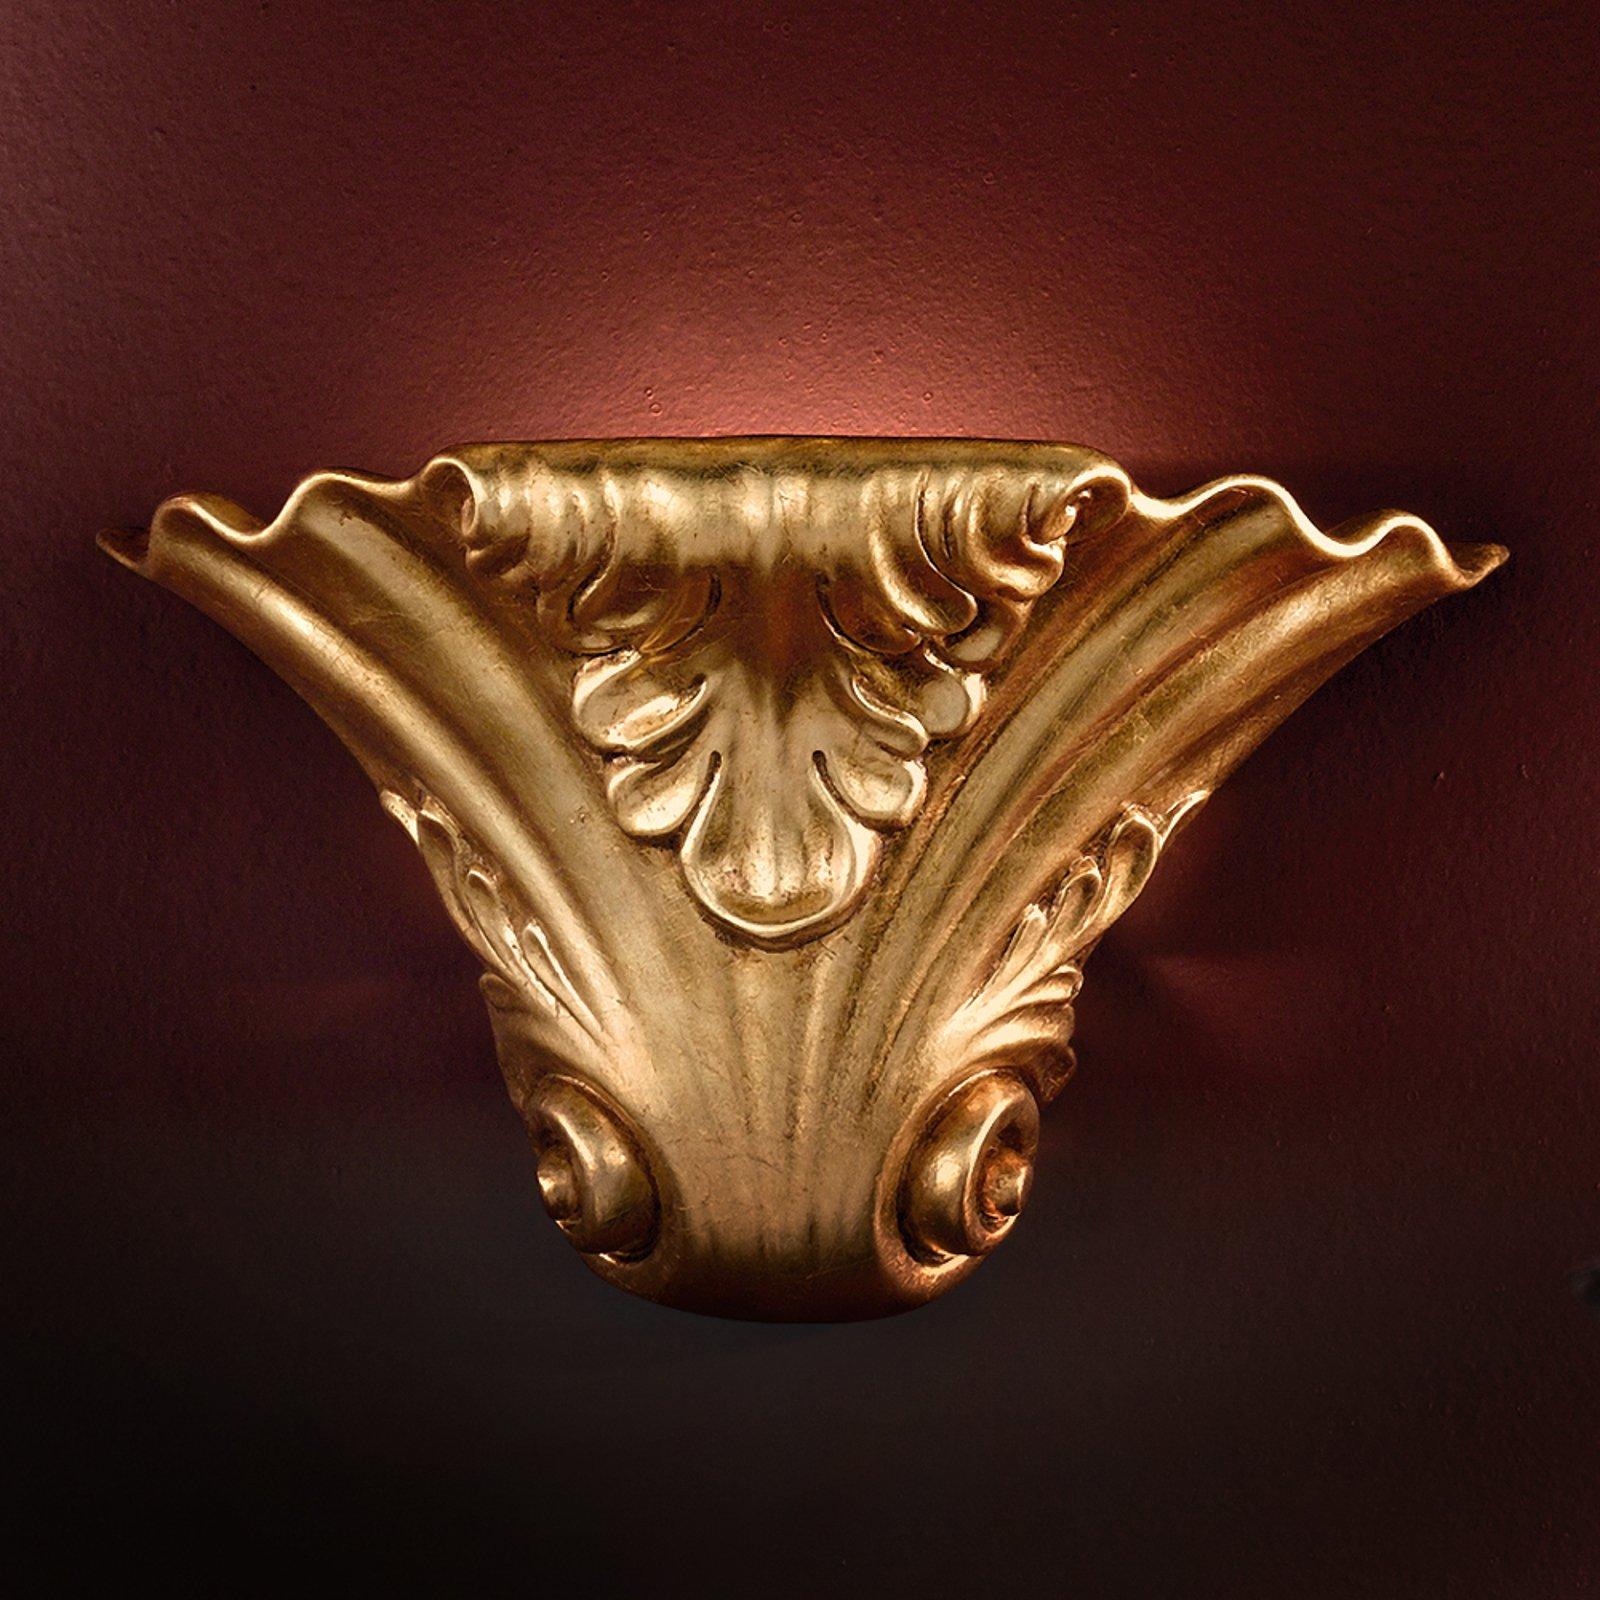 Forseggjort TASCA vegglampe av keramikk